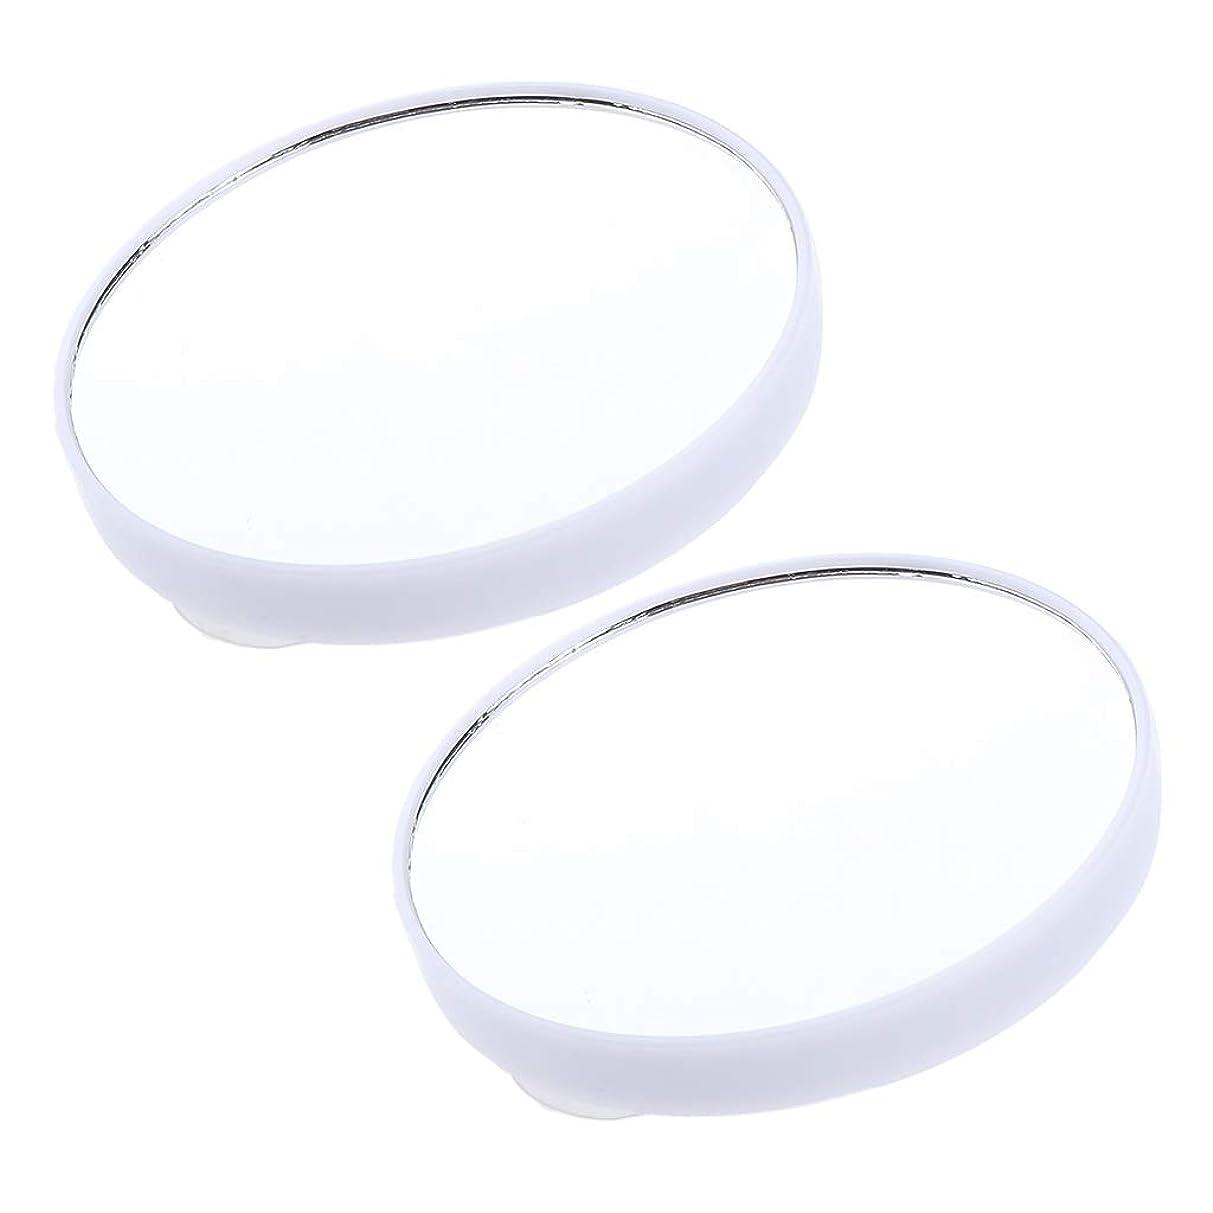 口セージロゴB Baosity 2個 10倍 拡大ミラー サクションメイクミラー 吸引カップ 化粧鏡 3色選べ - 白